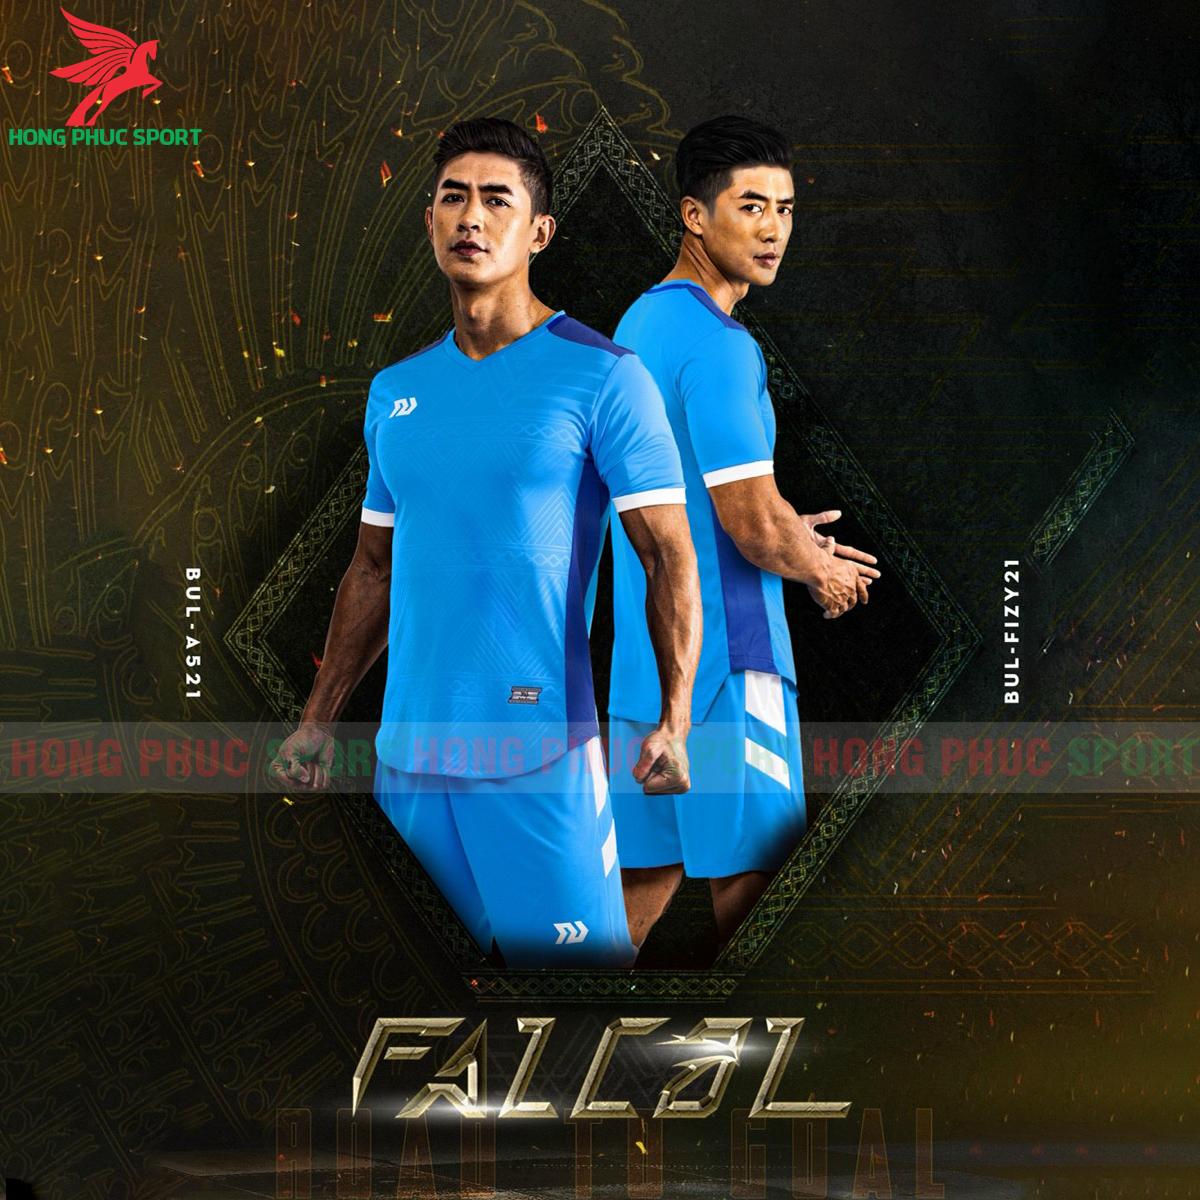 Áo đá banh không logo Bulbal Falcol 2021 màu xanh da(2)